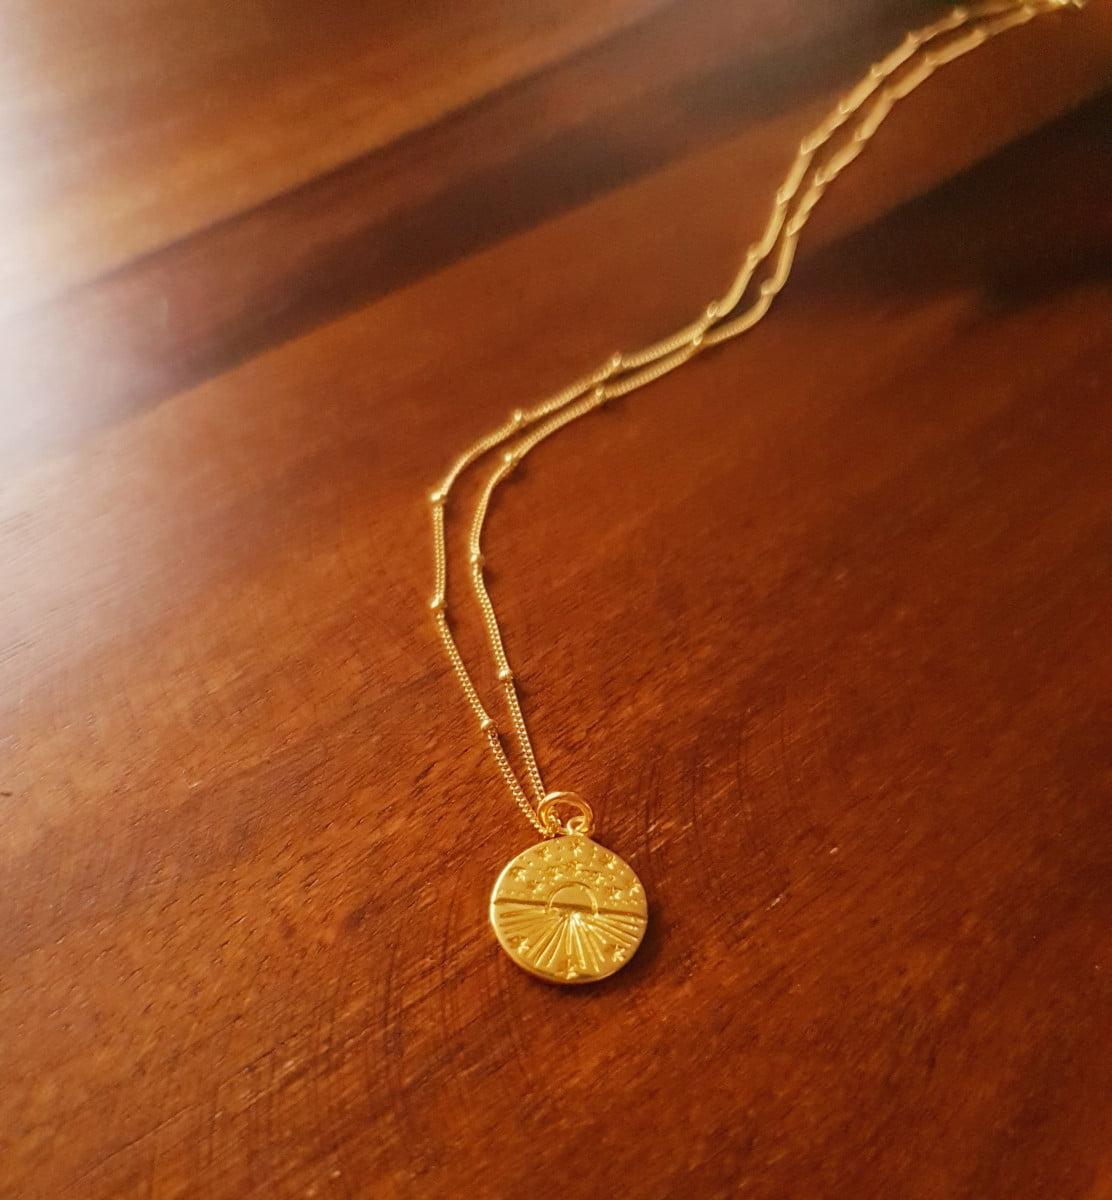 Boho Halskette Medaillon Vergoldet 925 Silber Himmelskörper